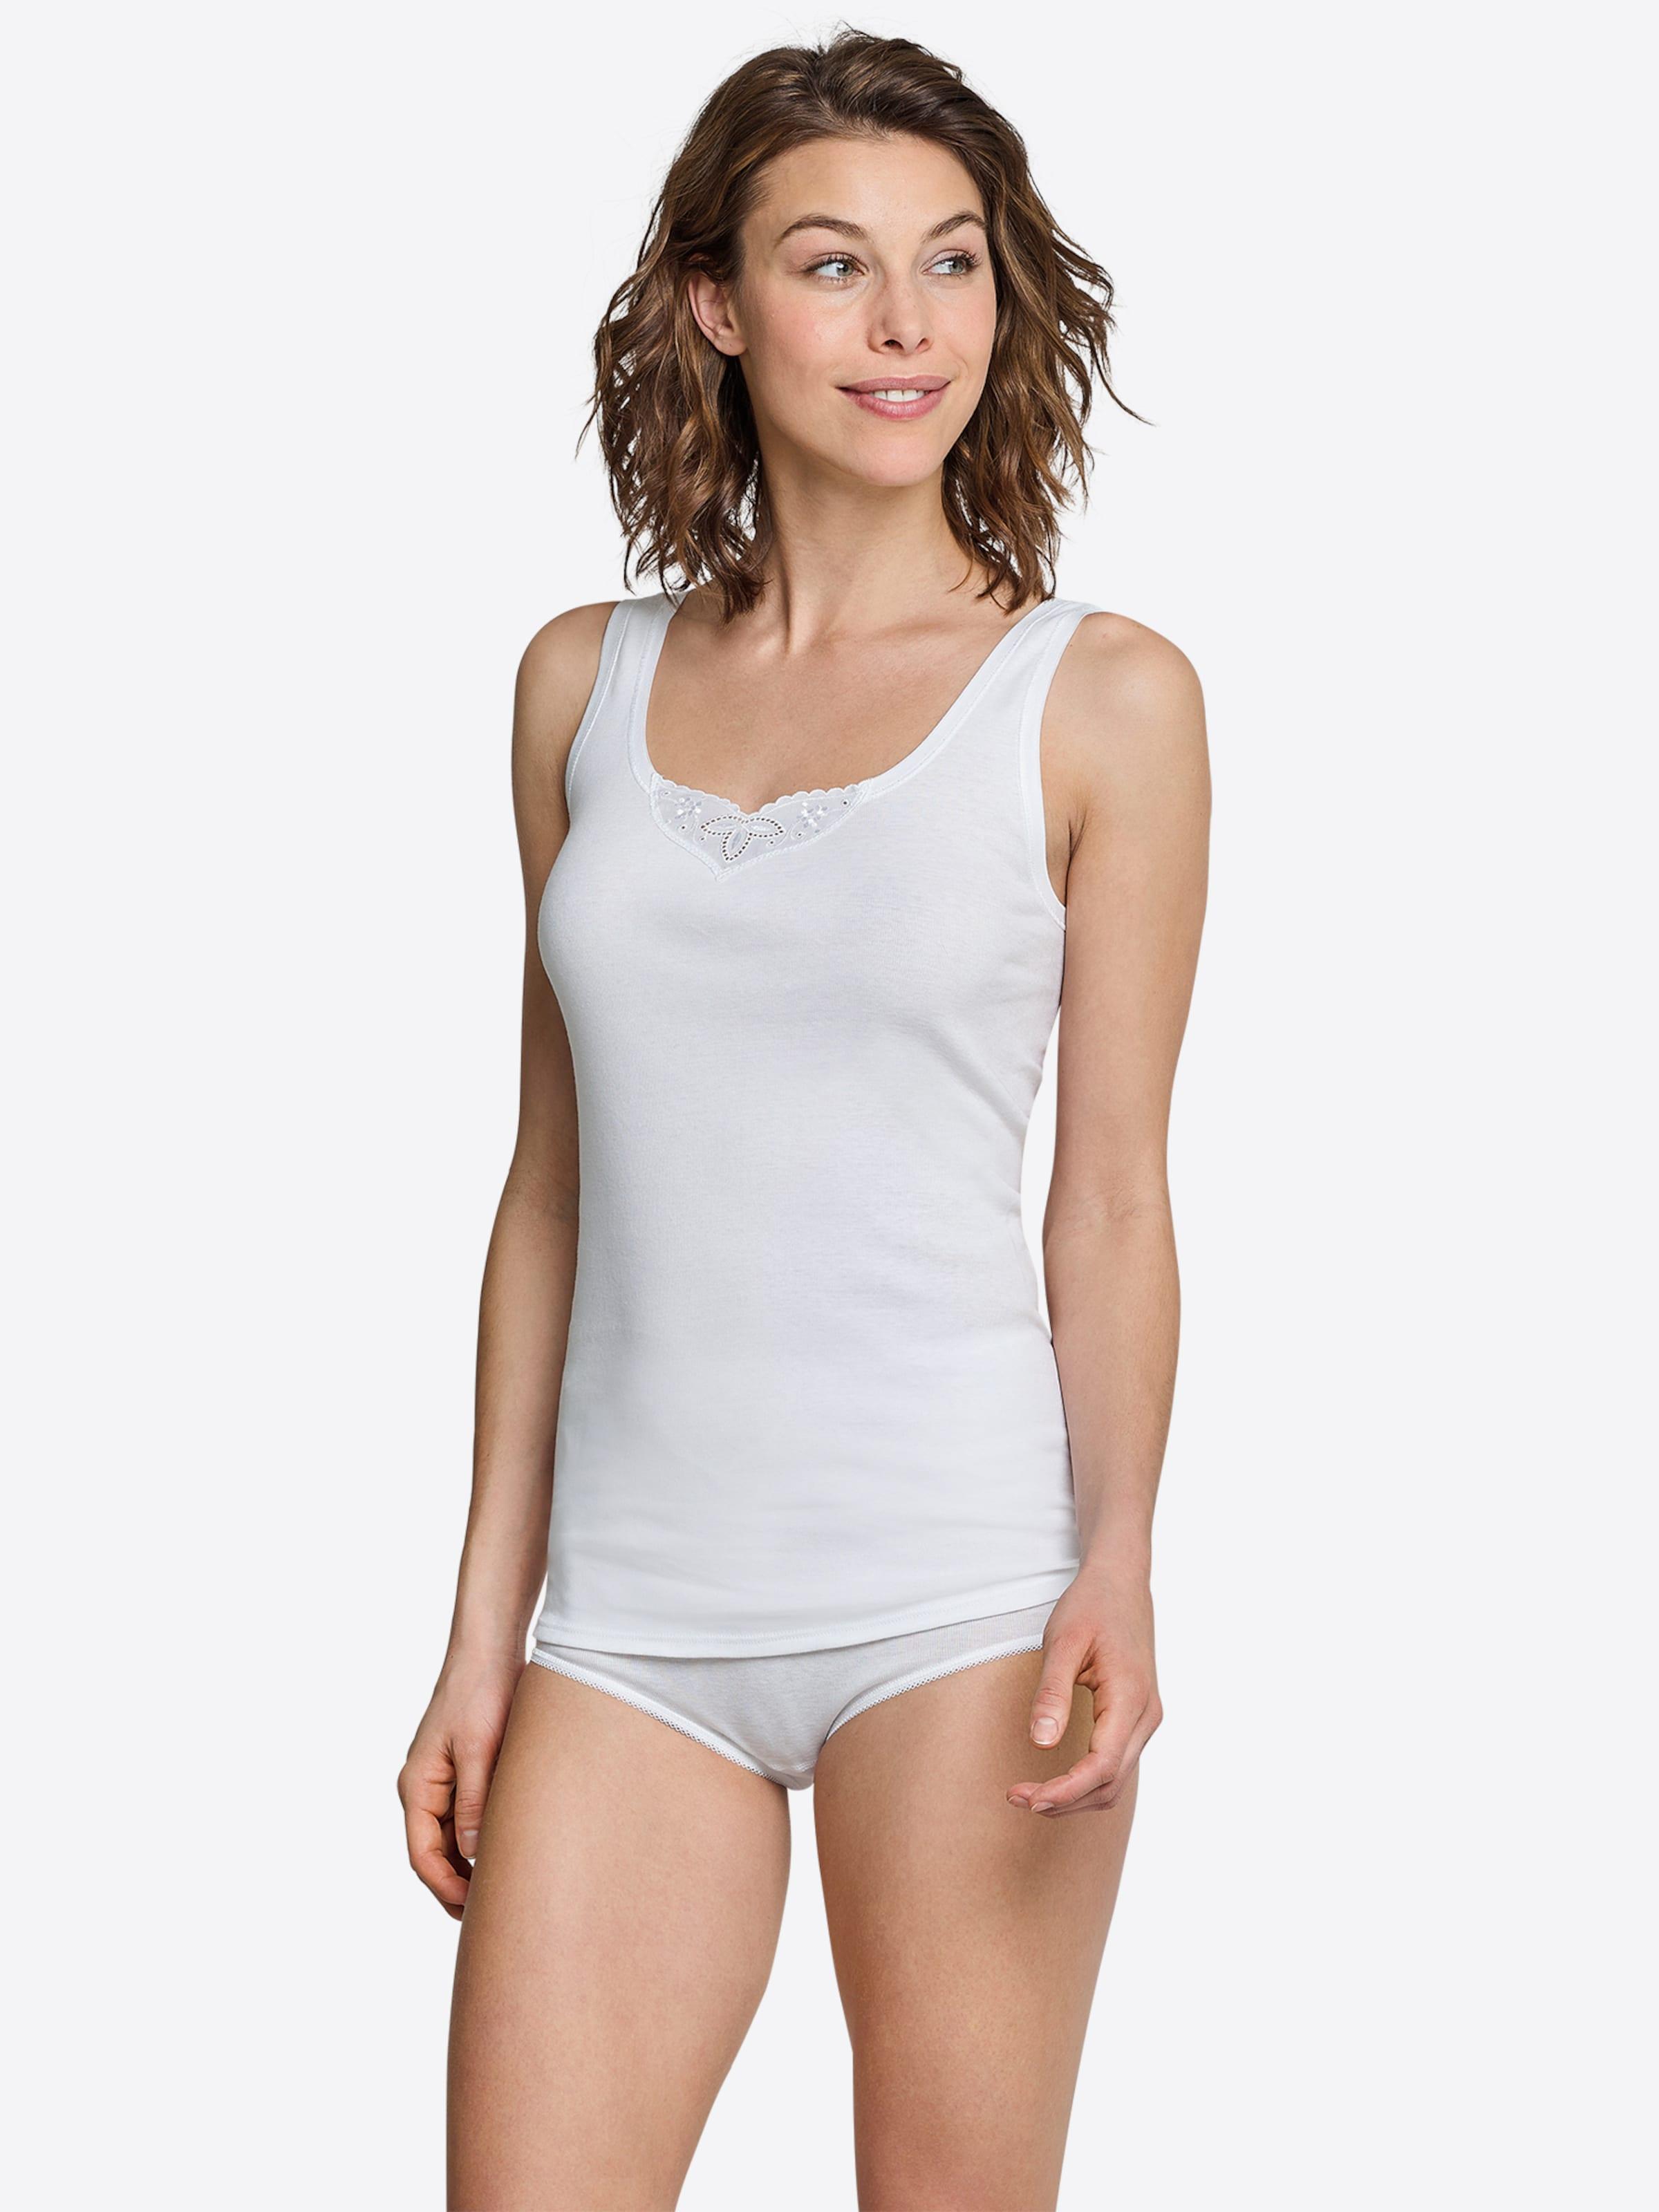 Weiß Schiesser In Unterhemd Schiesser In Weiß Unterhemd Schiesser Unterhemd In jRc5Lq43AS